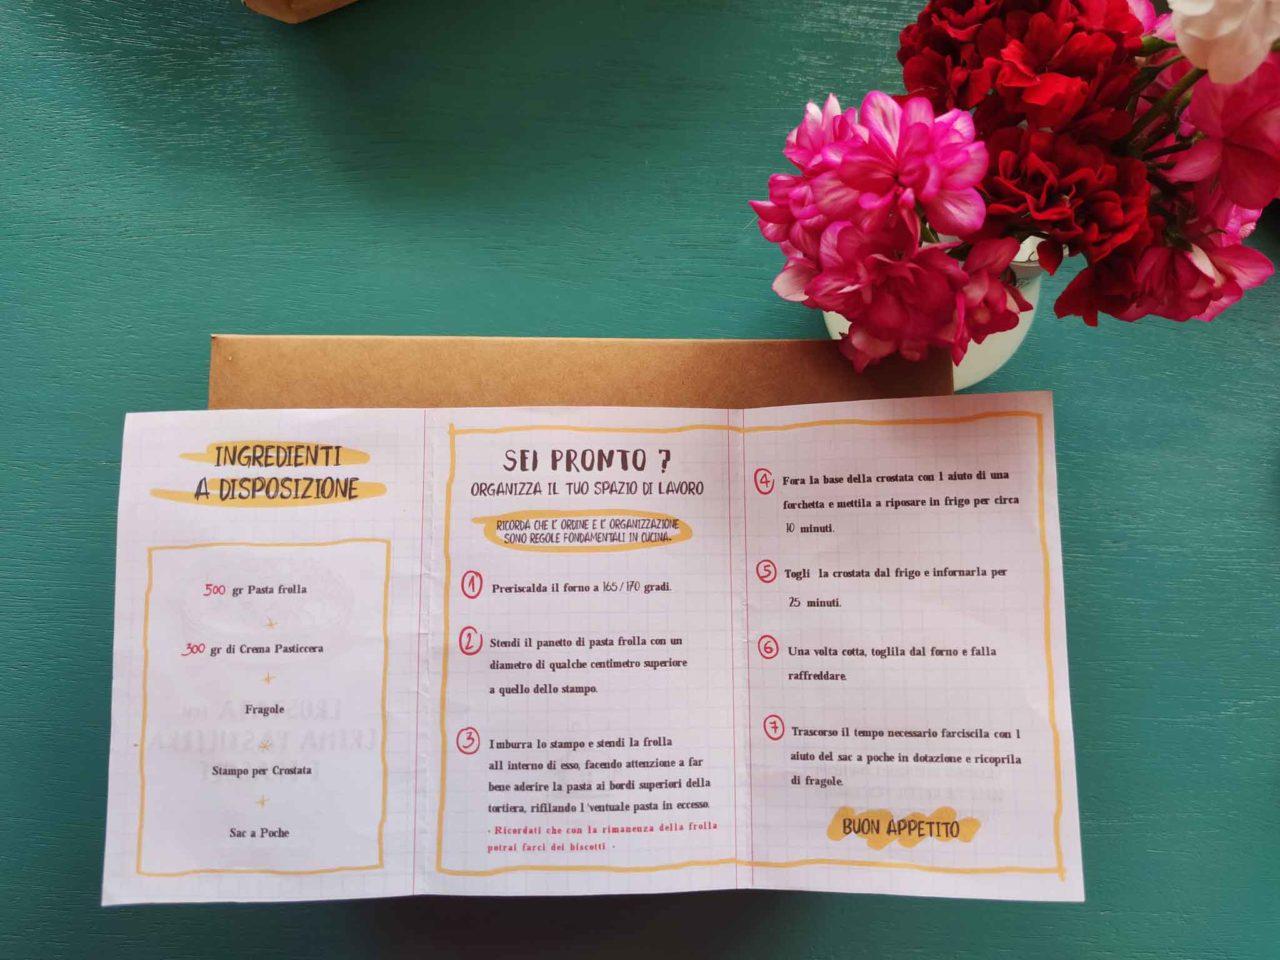 istruzioni per preparare la crostata in kit